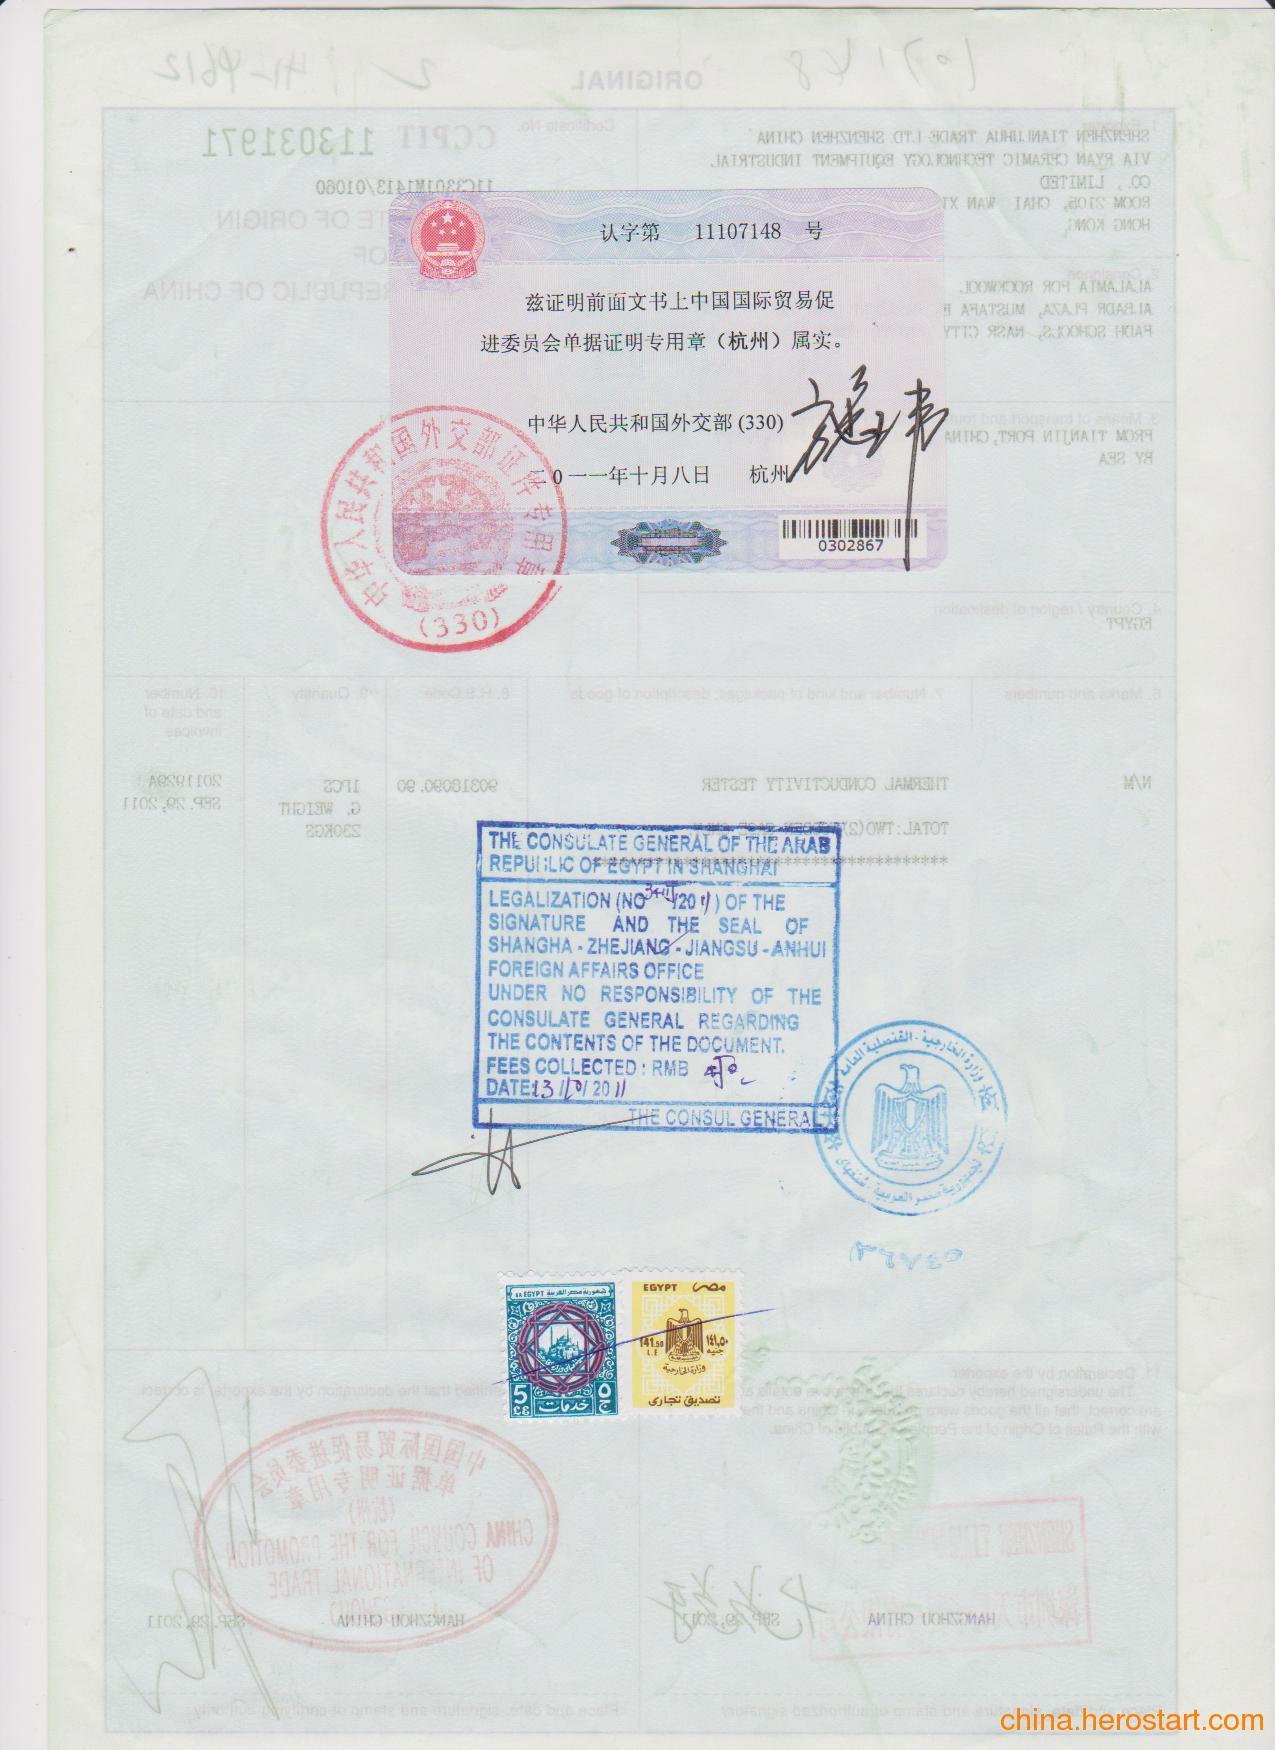 供应专业快速办理产地证CO埃及使馆认证/商业发票埃及领事馆加签/产地证CO埃及上海领事馆加签